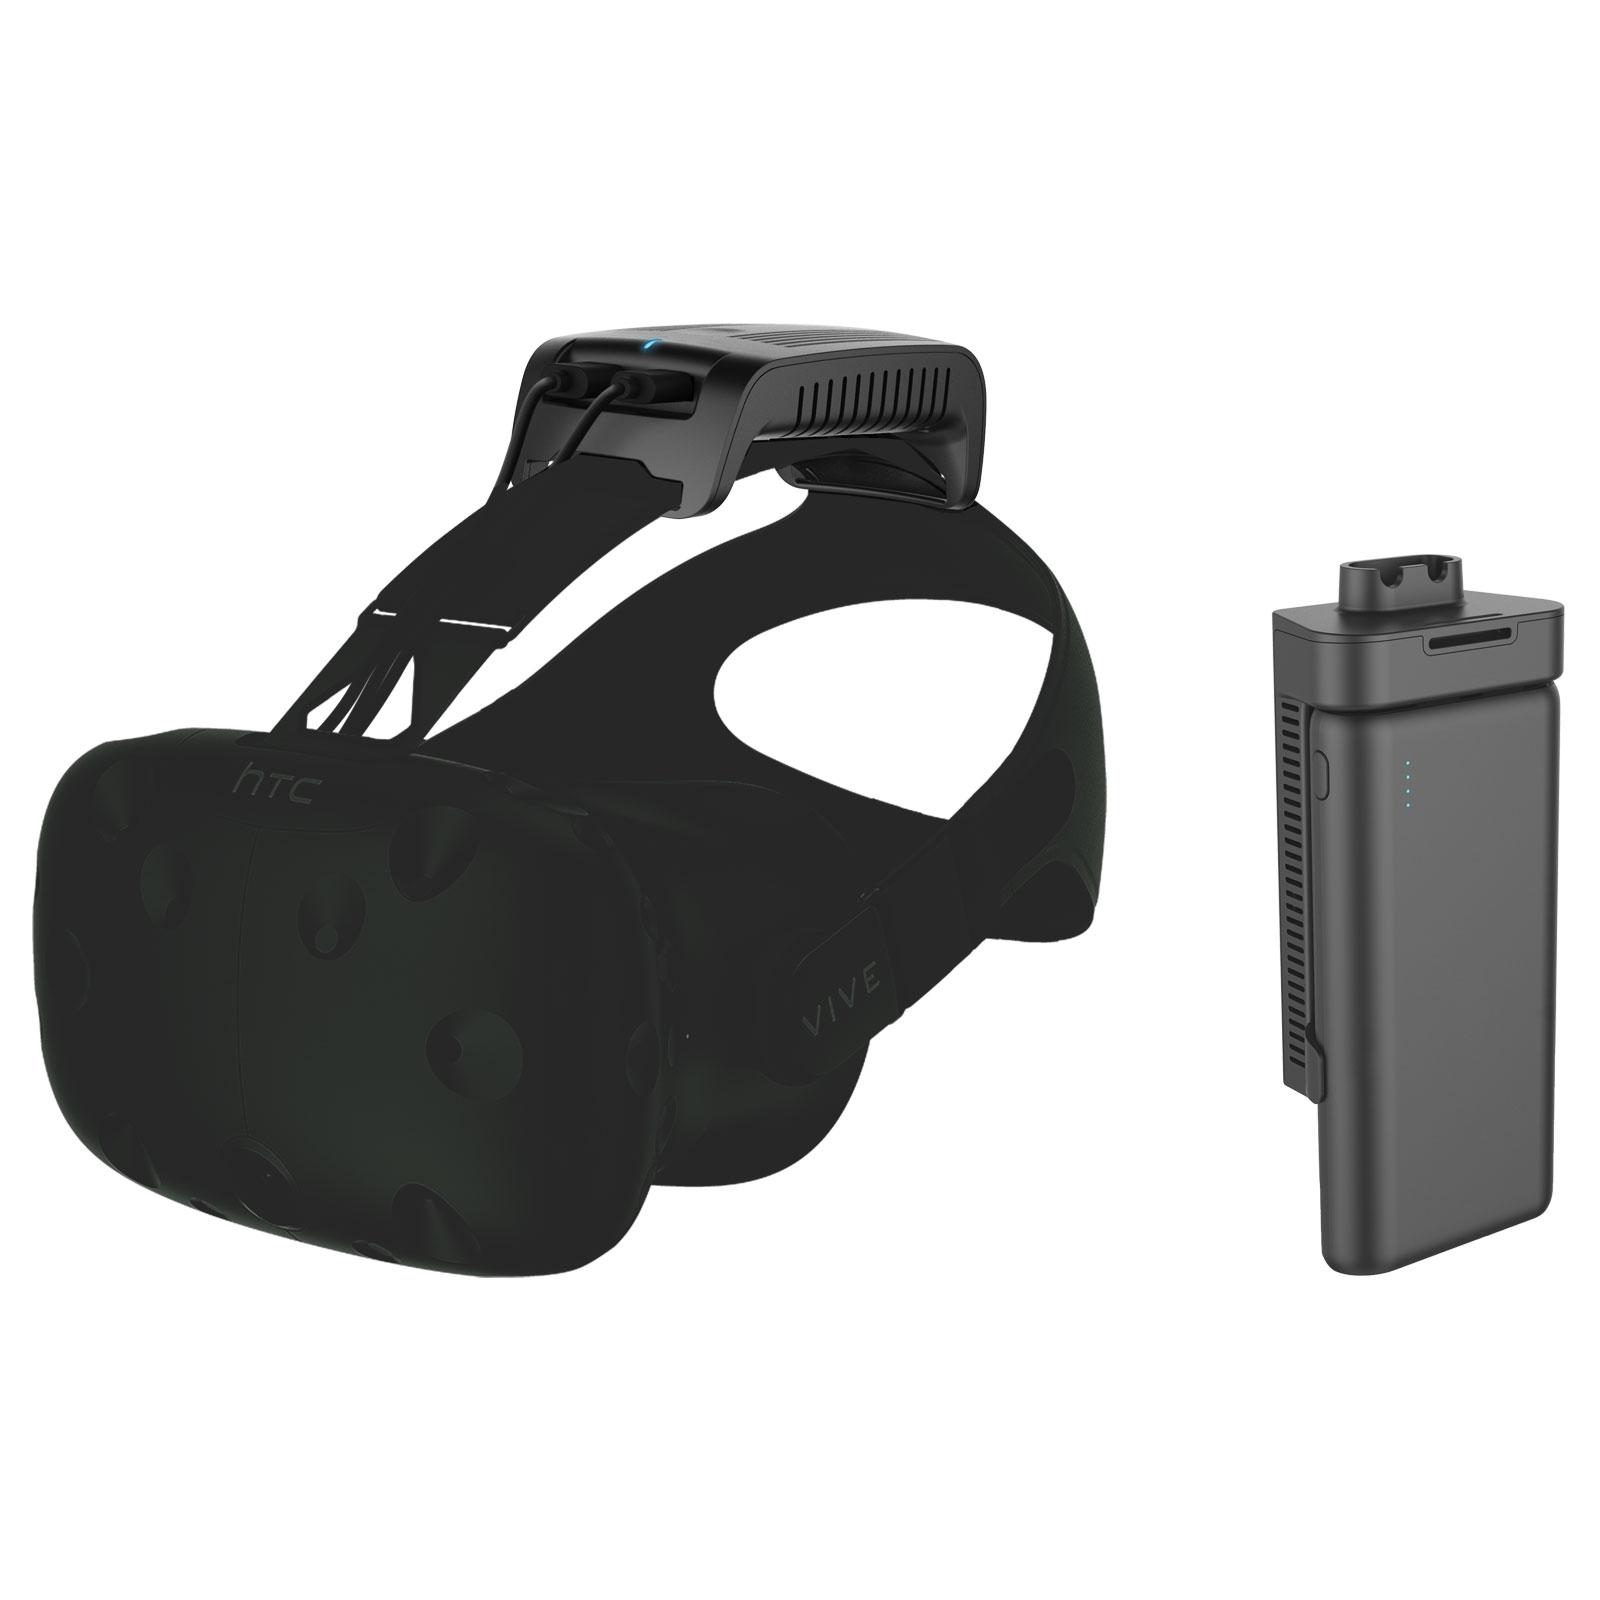 Casque Réalité Virtuelle TPCAST Wireless Adaptor HTC Vive Adaptateur sans fil pour HTC Vive